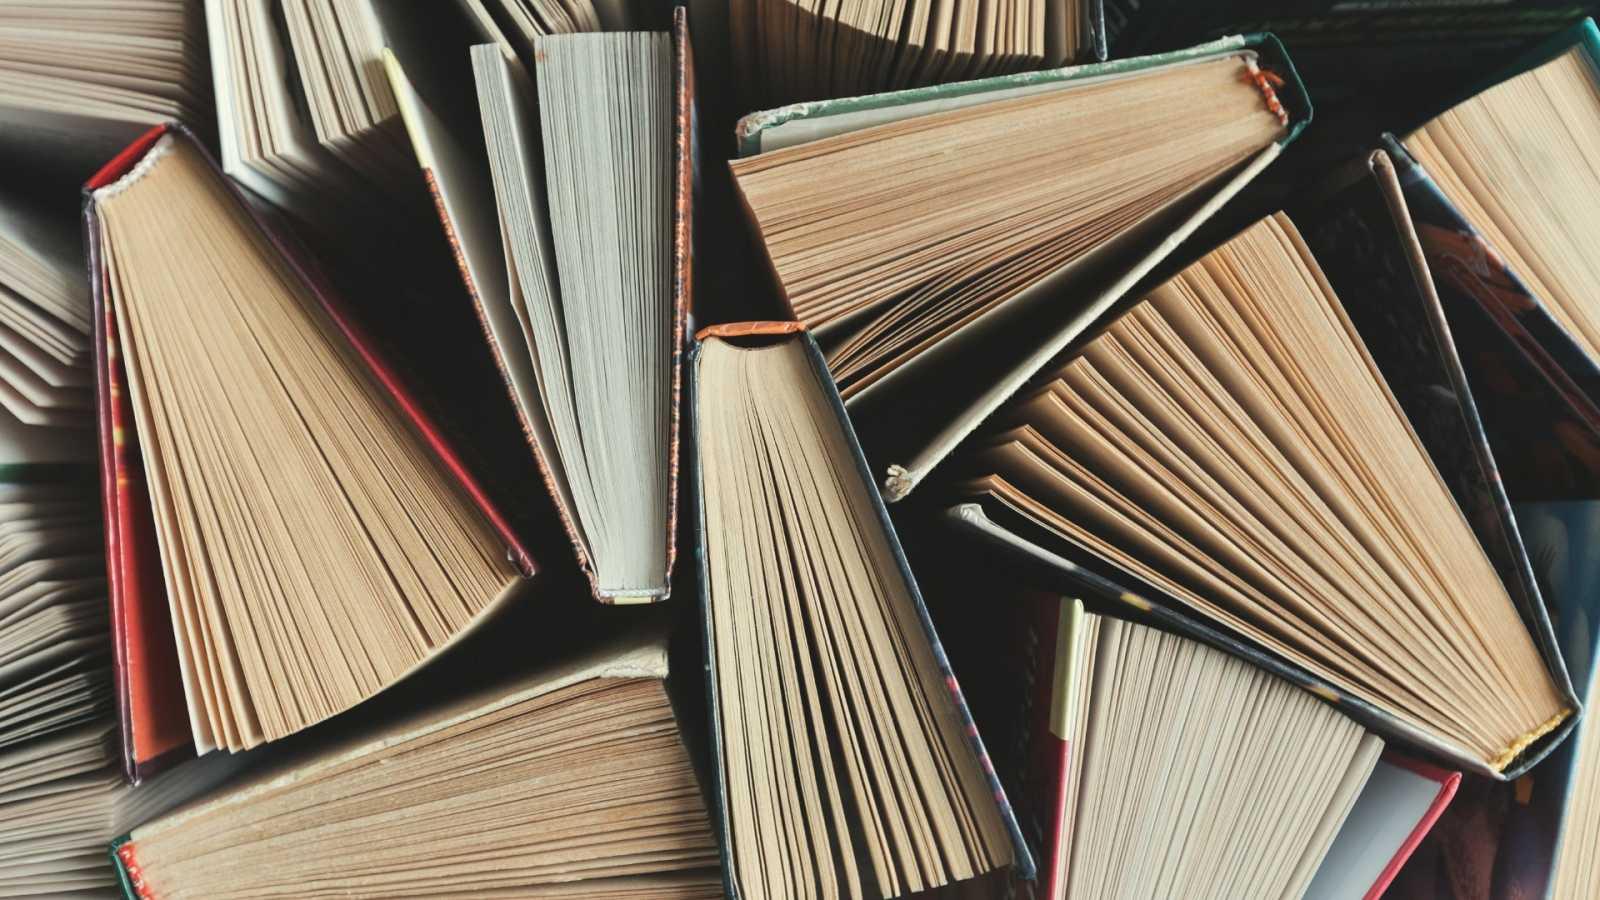 Día del libro: la crisis del sector editorial l RTVE